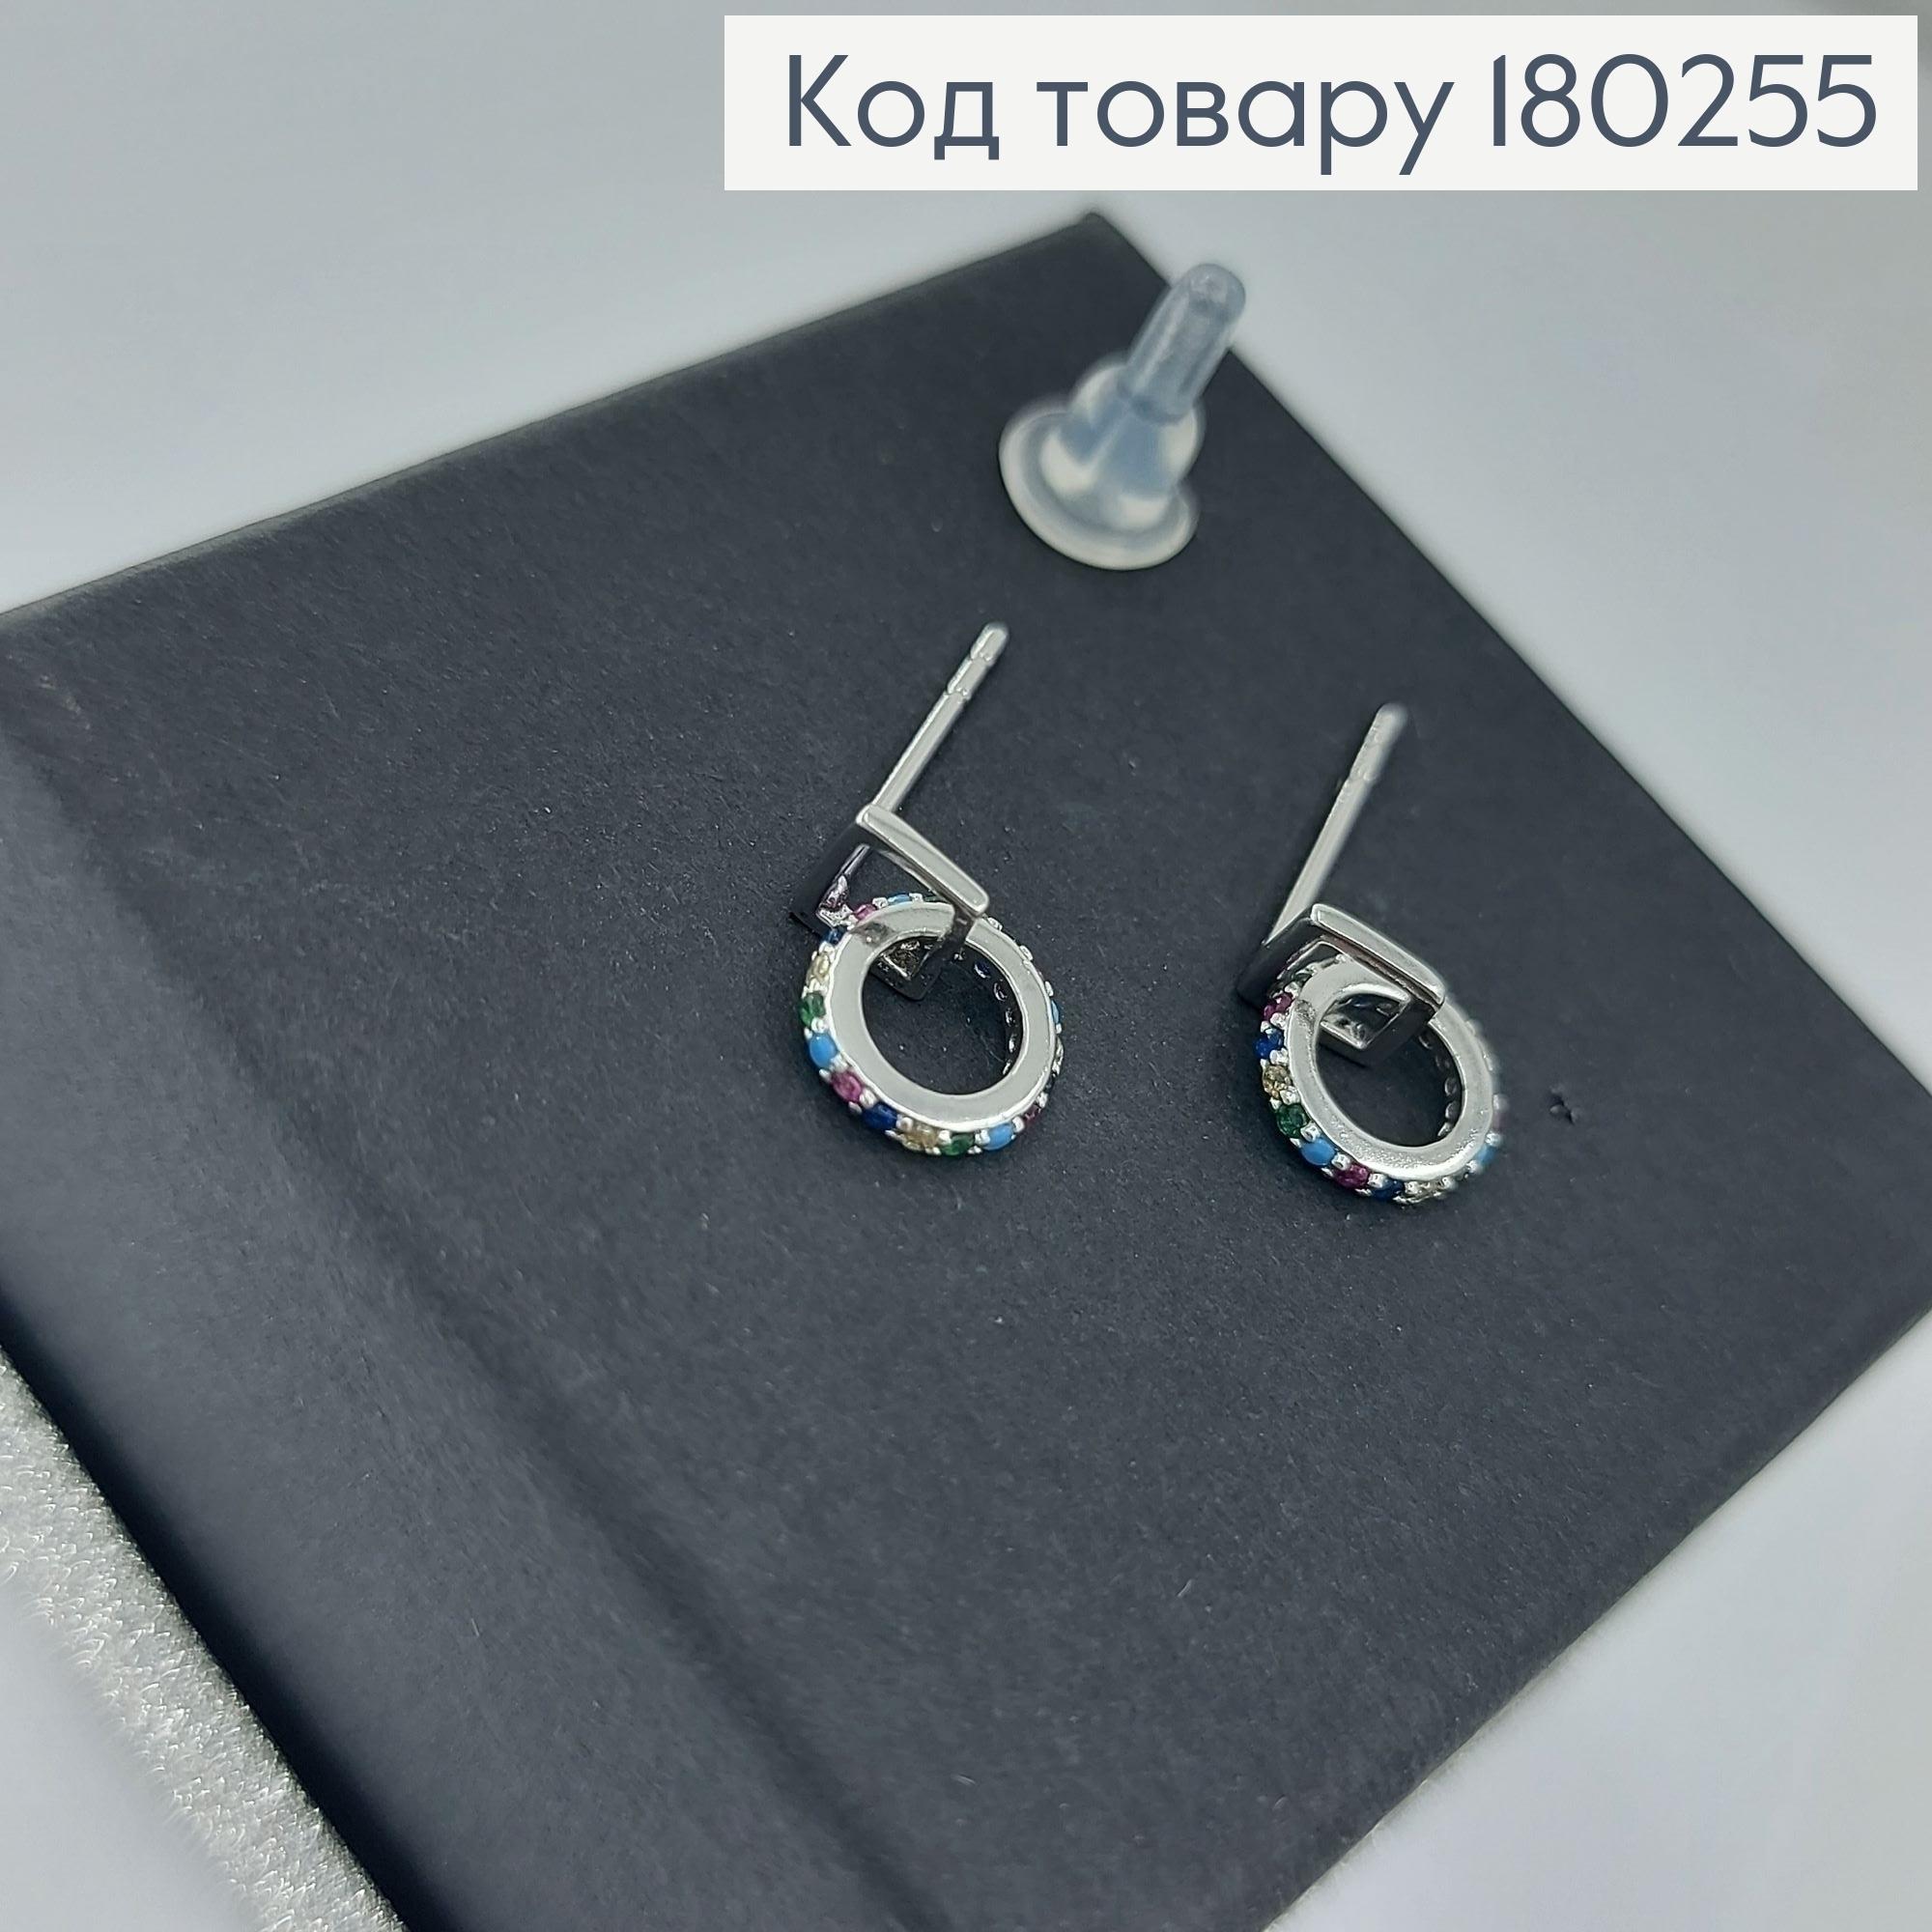 Сережки гвіздки    з різнокольоровими камінцями  родіроване медзолото Xuping 180255 фото 2